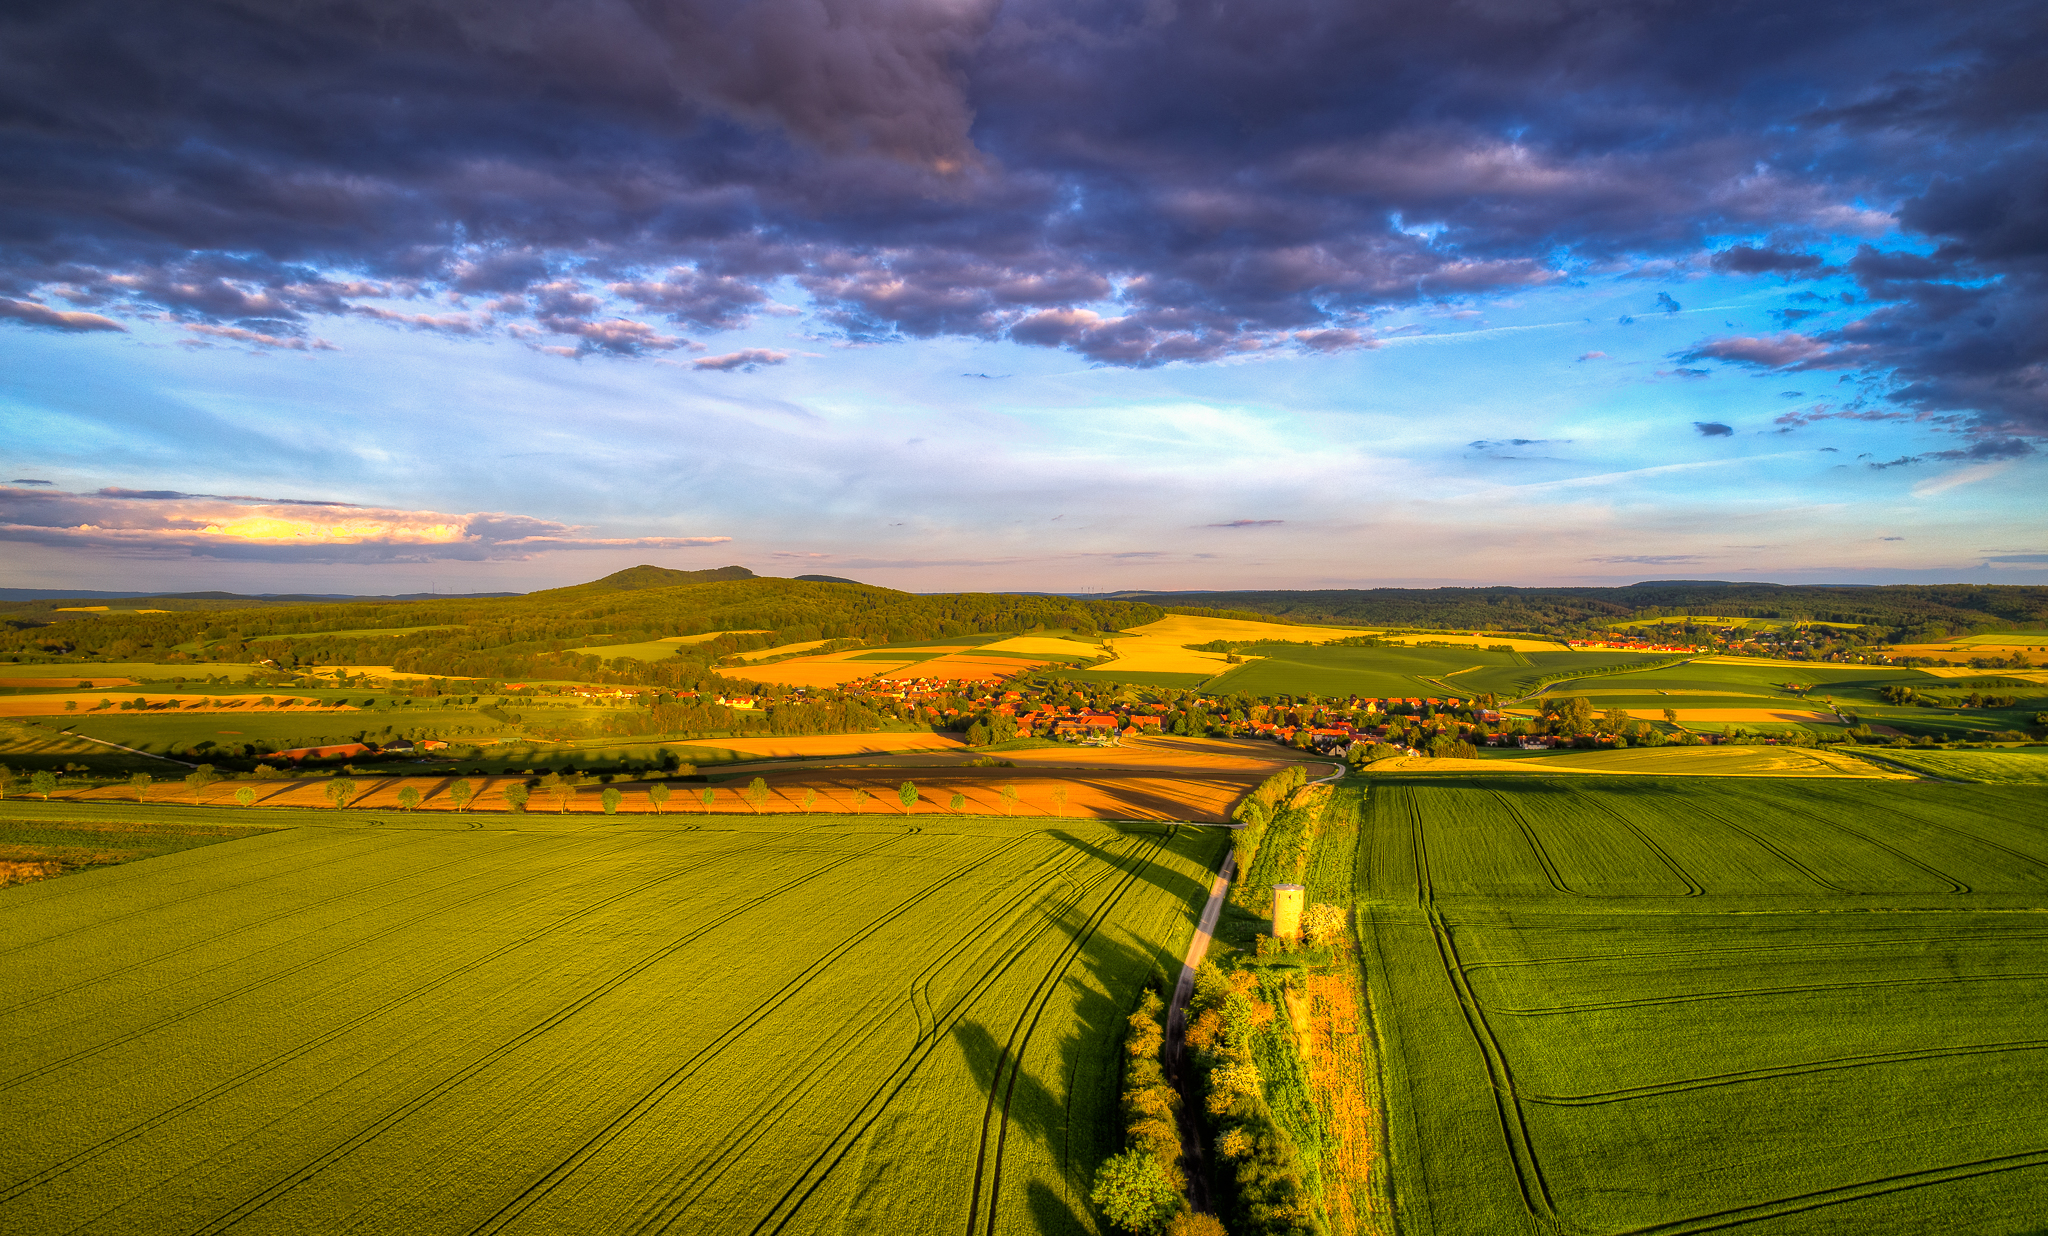 Luftbild Diemardener Warte Göttingen | Luftbildaufnahmen Göttingen Südniedersachsen